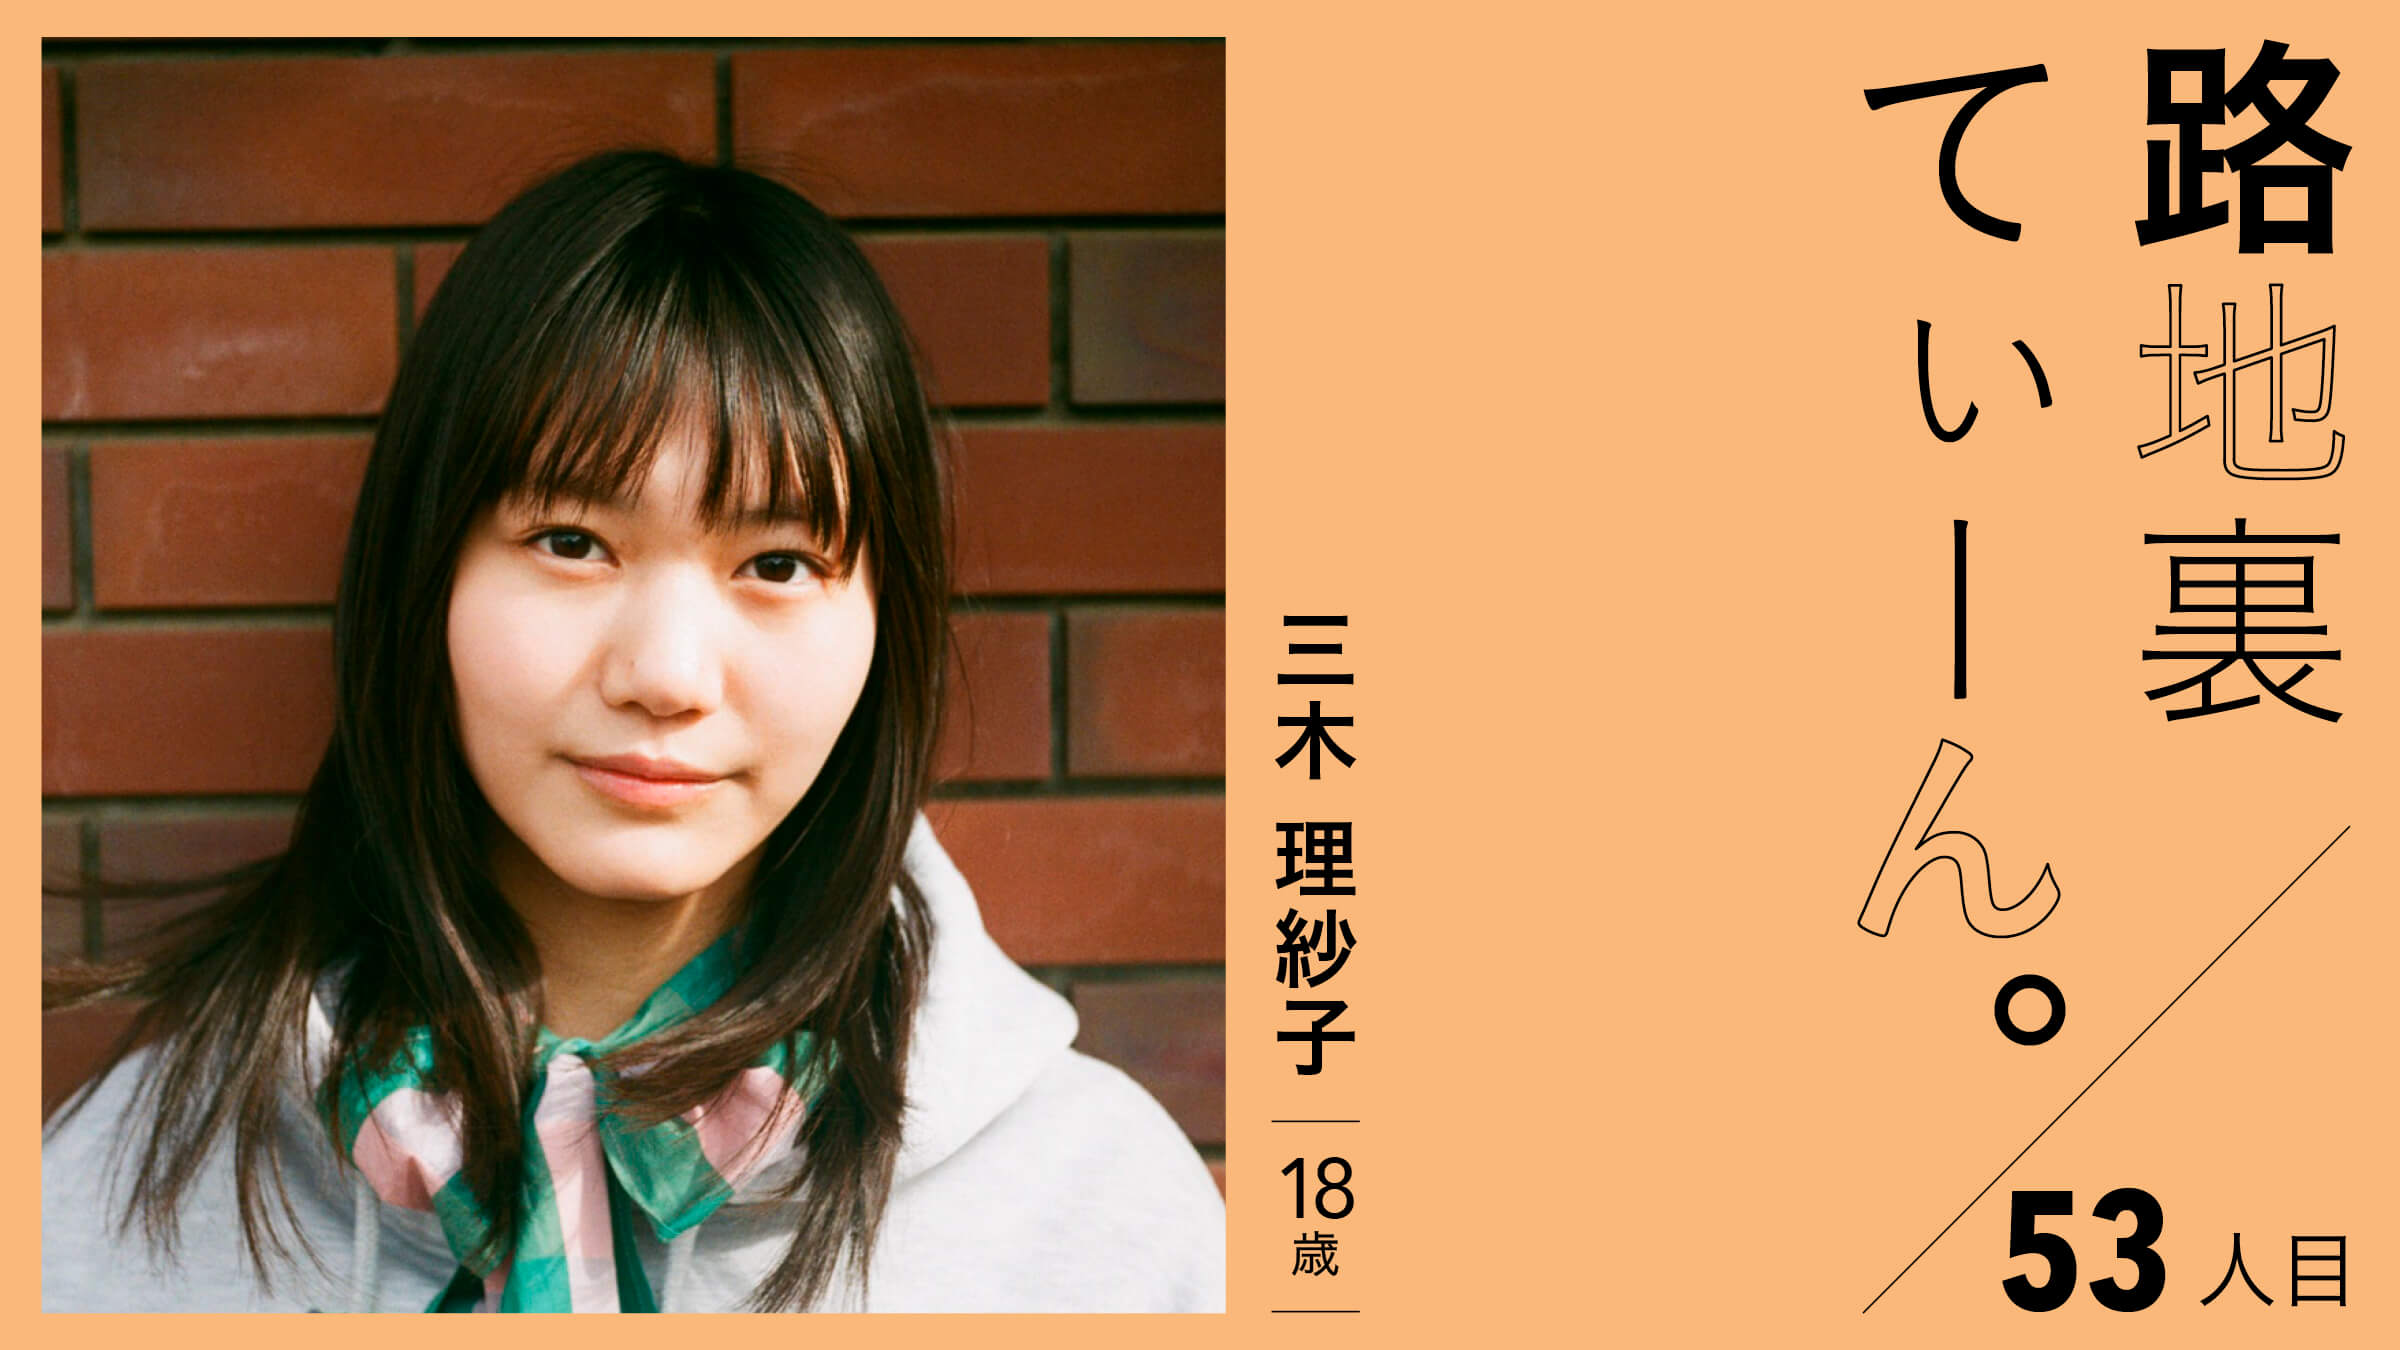 路地裏てぃーん。53人目 三木 理紗子 18歳